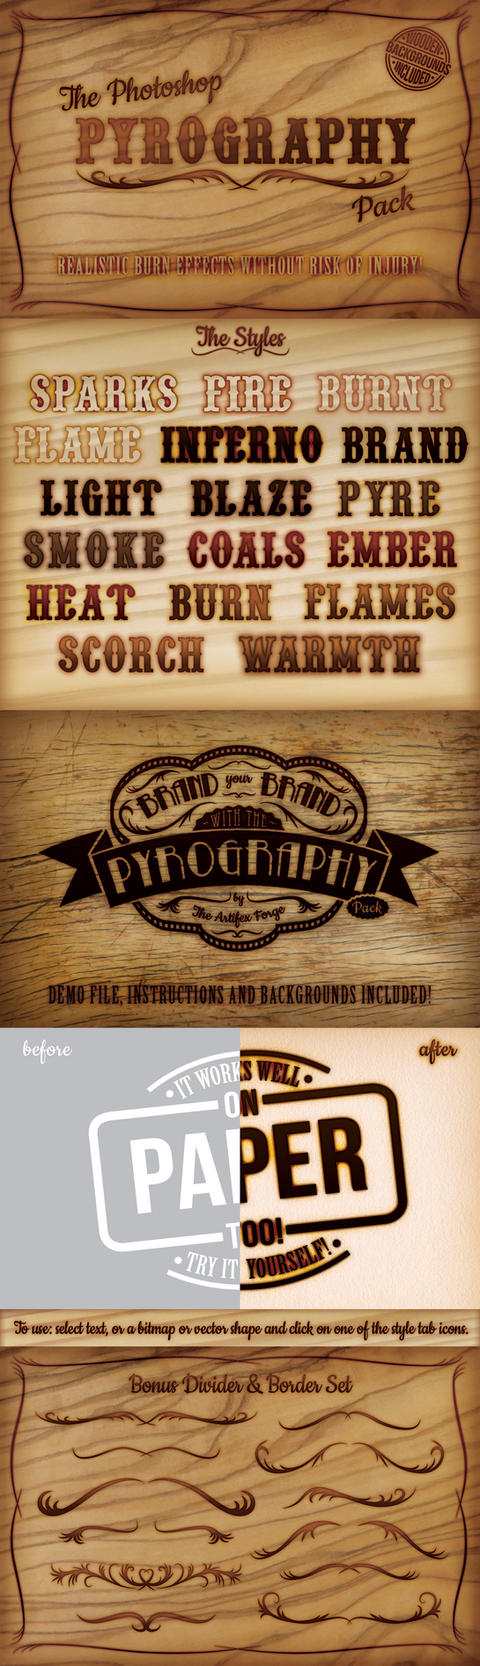 The Photoshop Pyrography Pack by Jeremychild